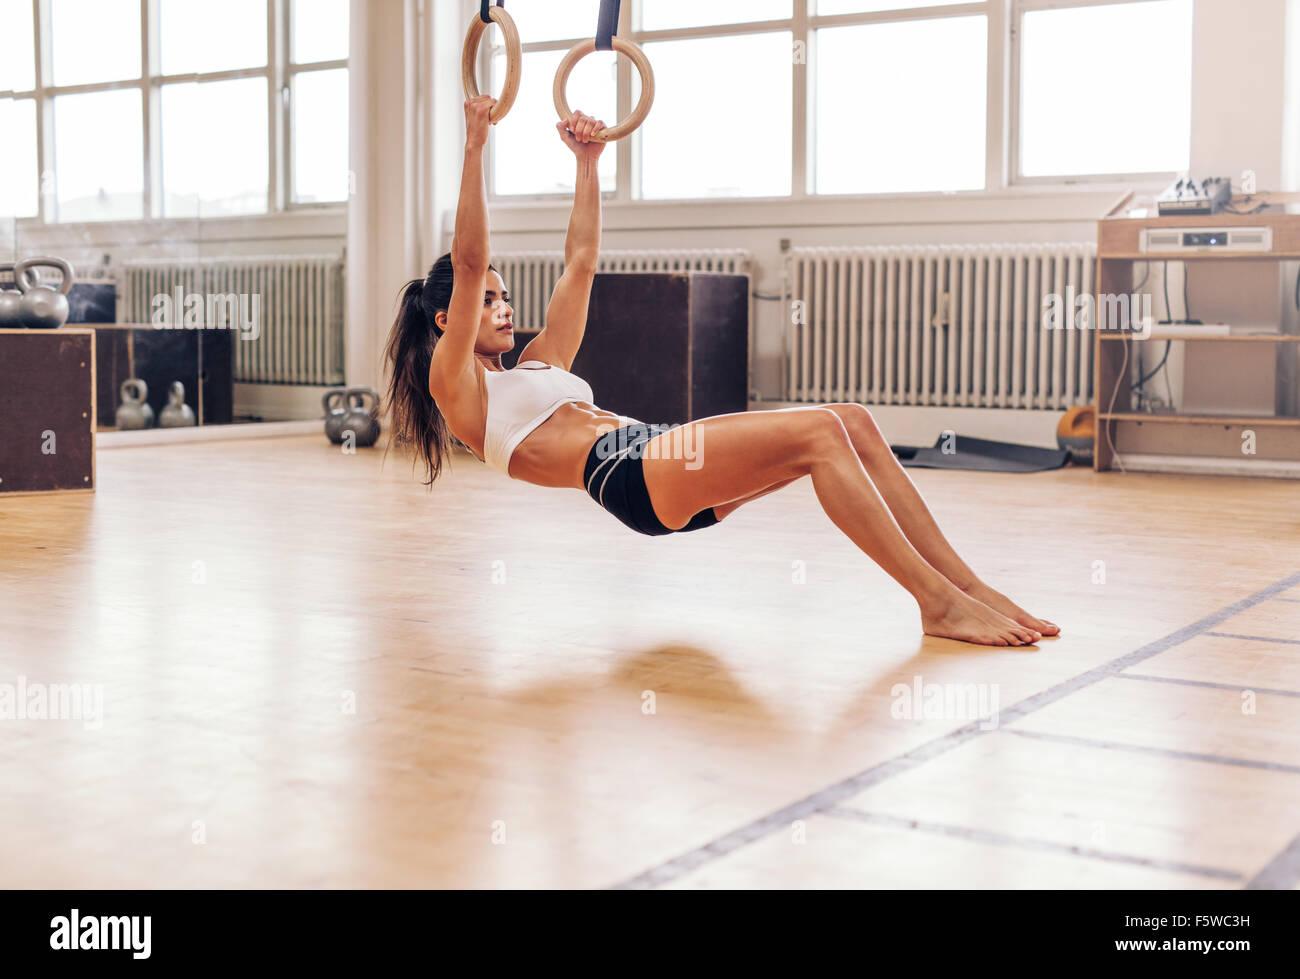 Muscolare di giovane donna facendo pull-up sul ring. Montare il giovane atleta femminile esercitando con anelli Immagini Stock